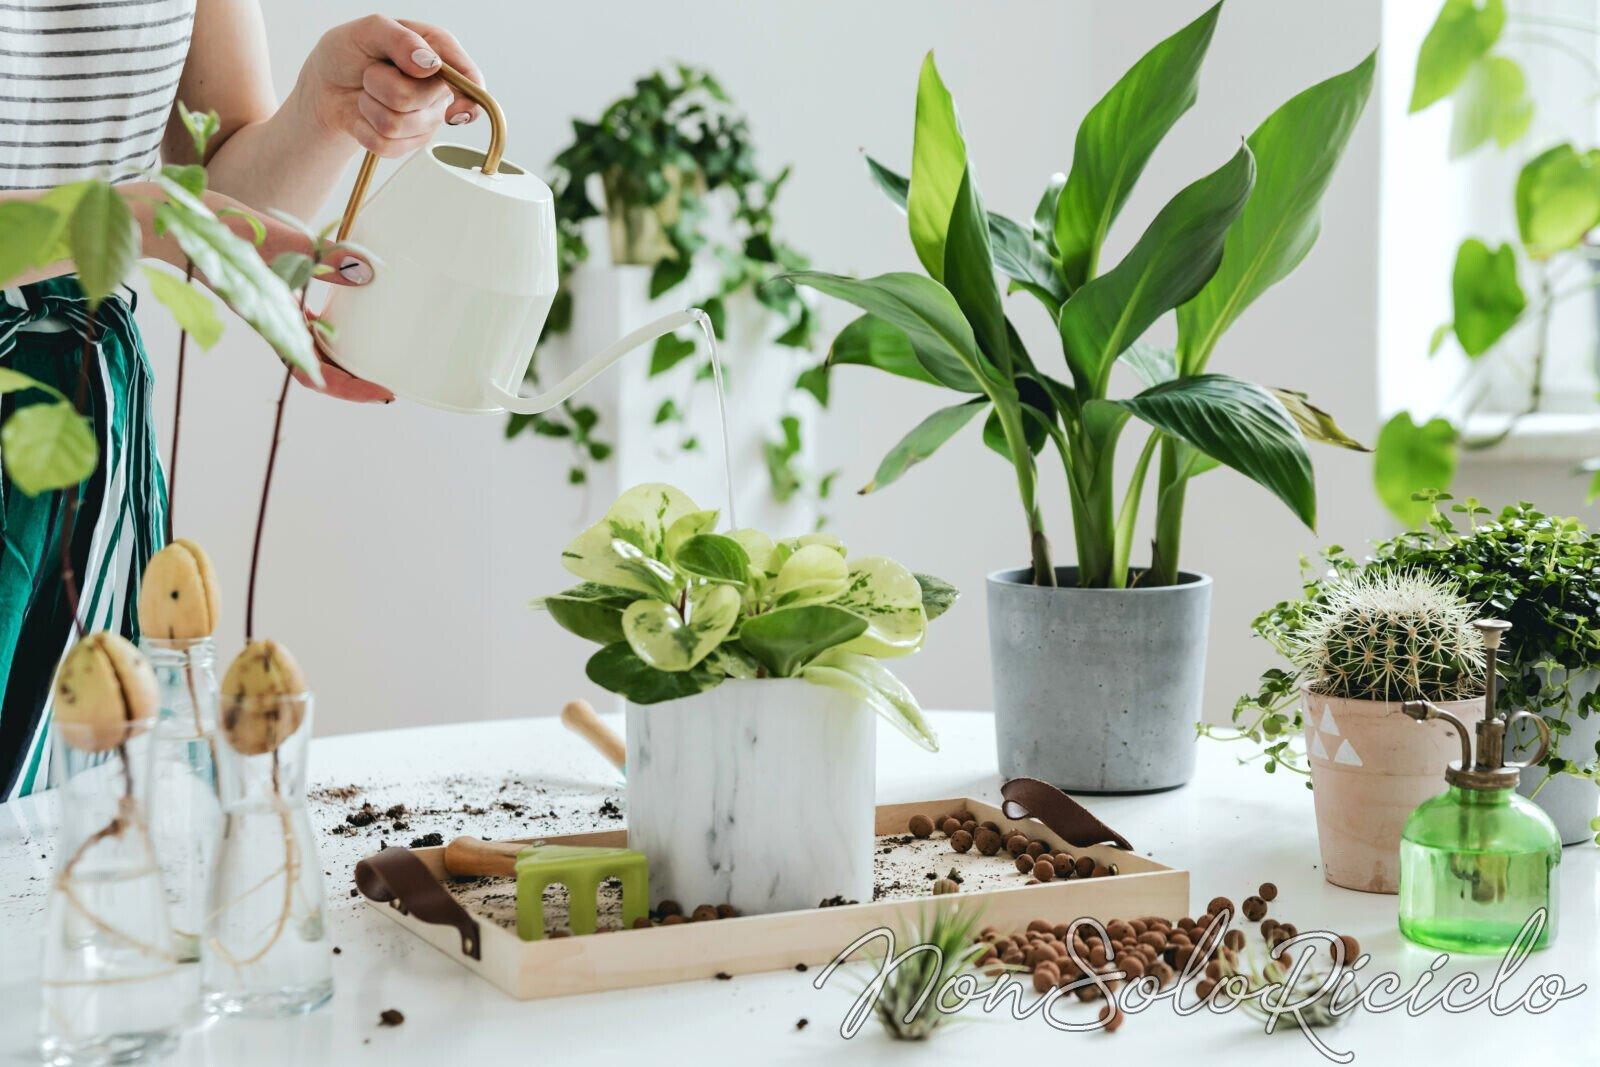 Innaffiare le piante durante le vacanze? Ecco come fare!